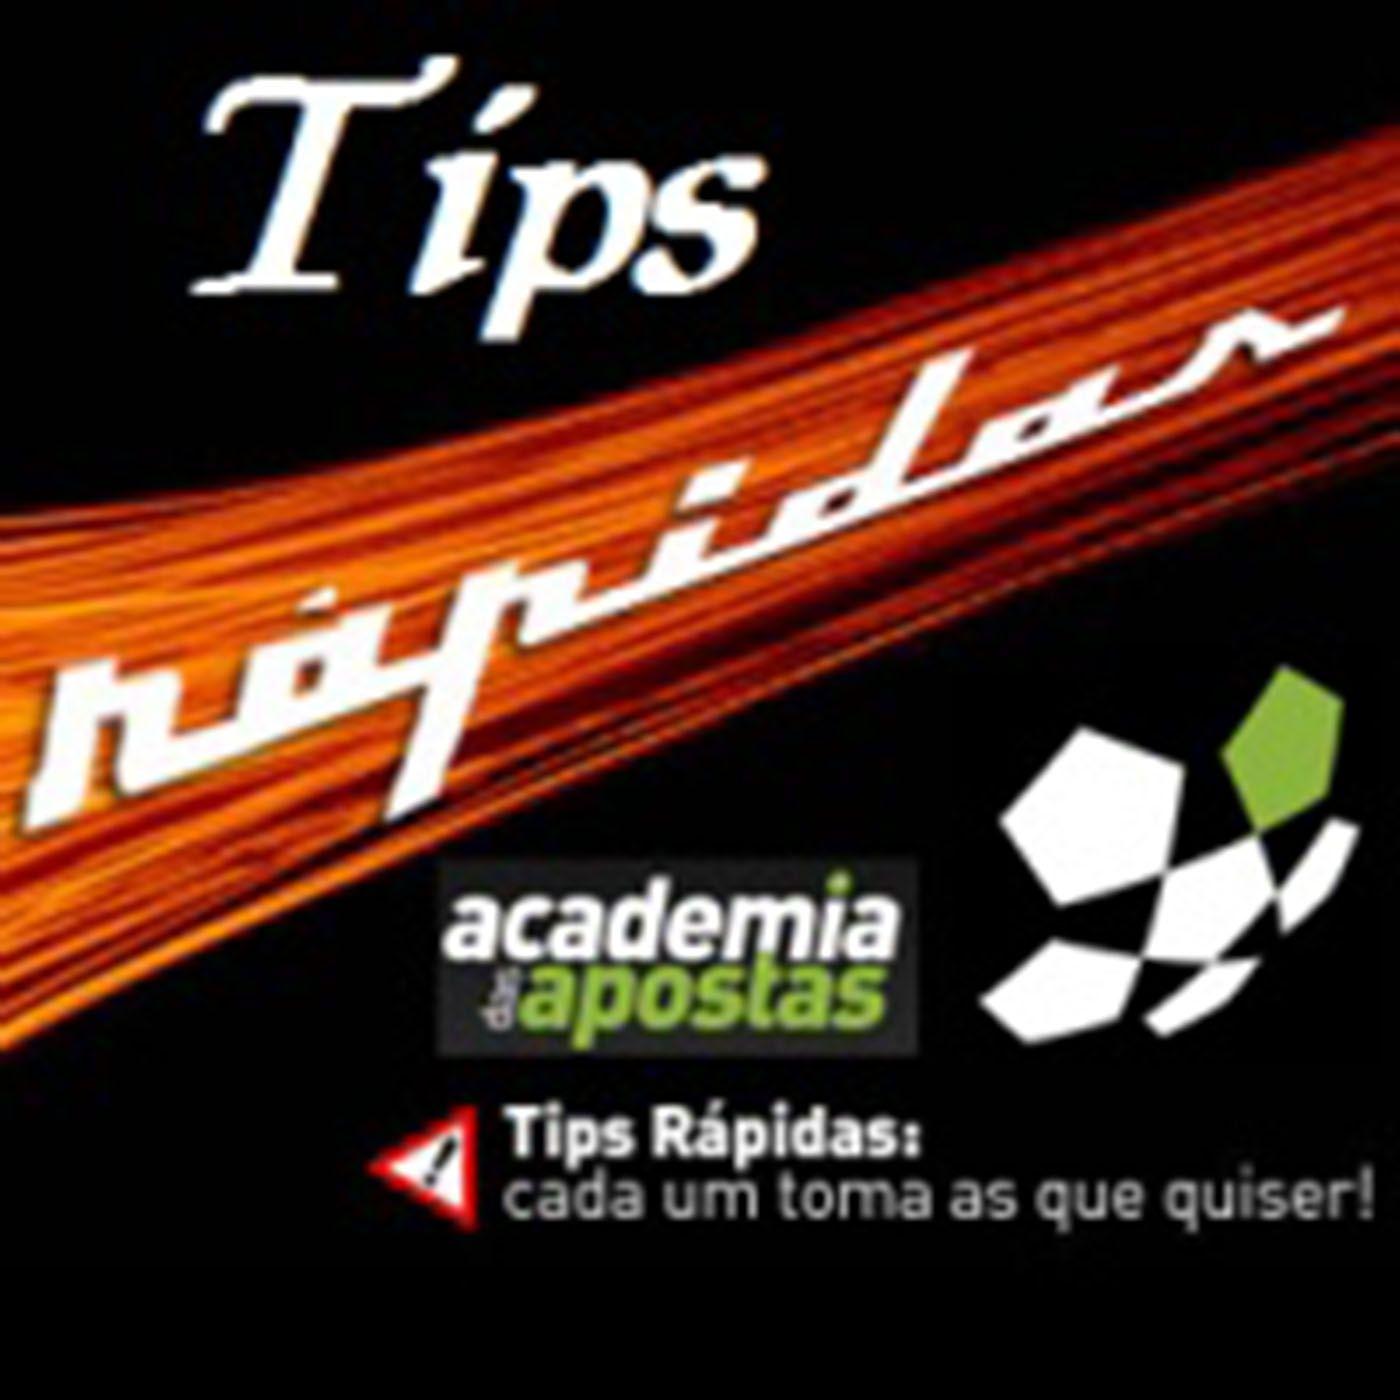 Tips Rápidas - Academia TV2